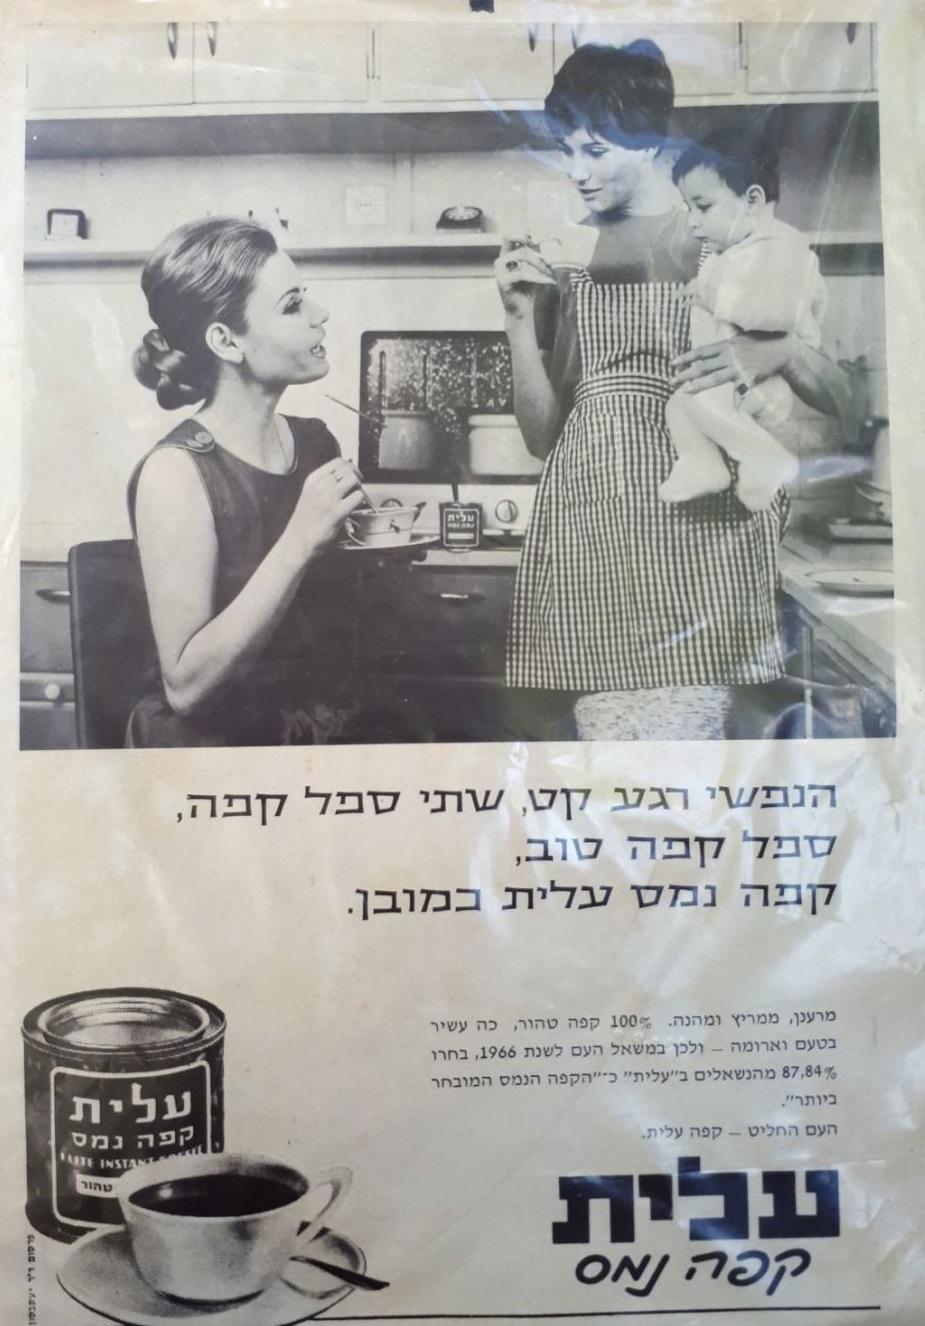 פרסומת פרינט לקפה נמס עלית בסוף שנות ה-60